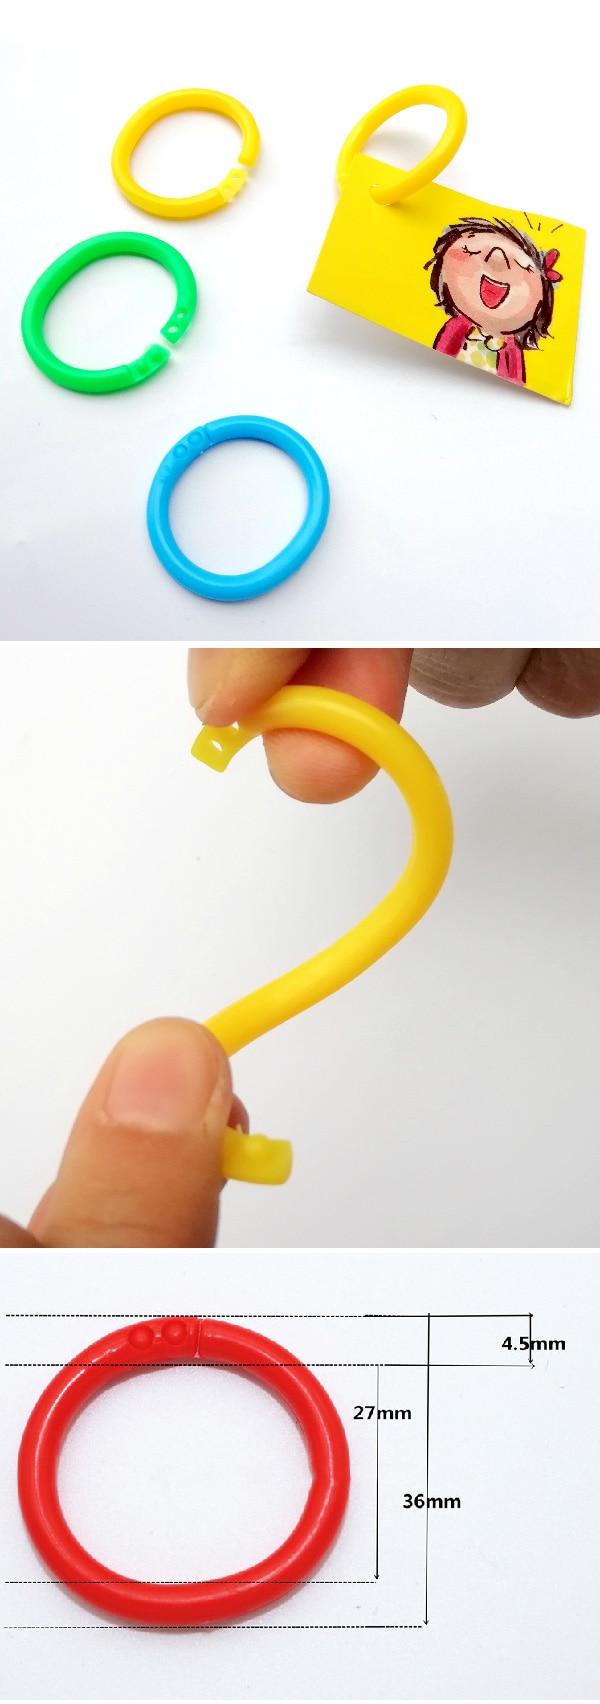 塑料单环活页圈-_02